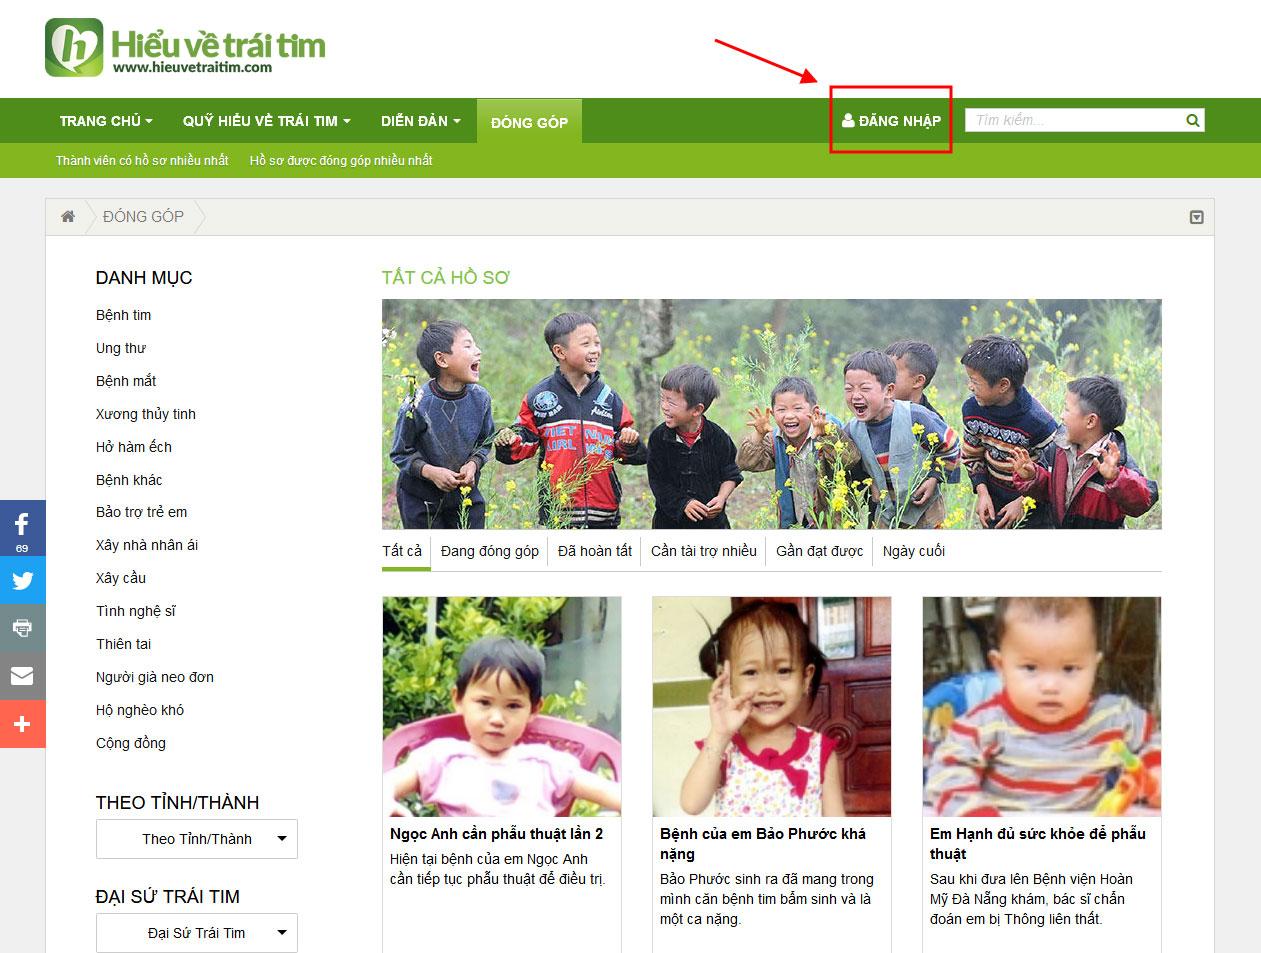 screenshot-dang-nhap-01.